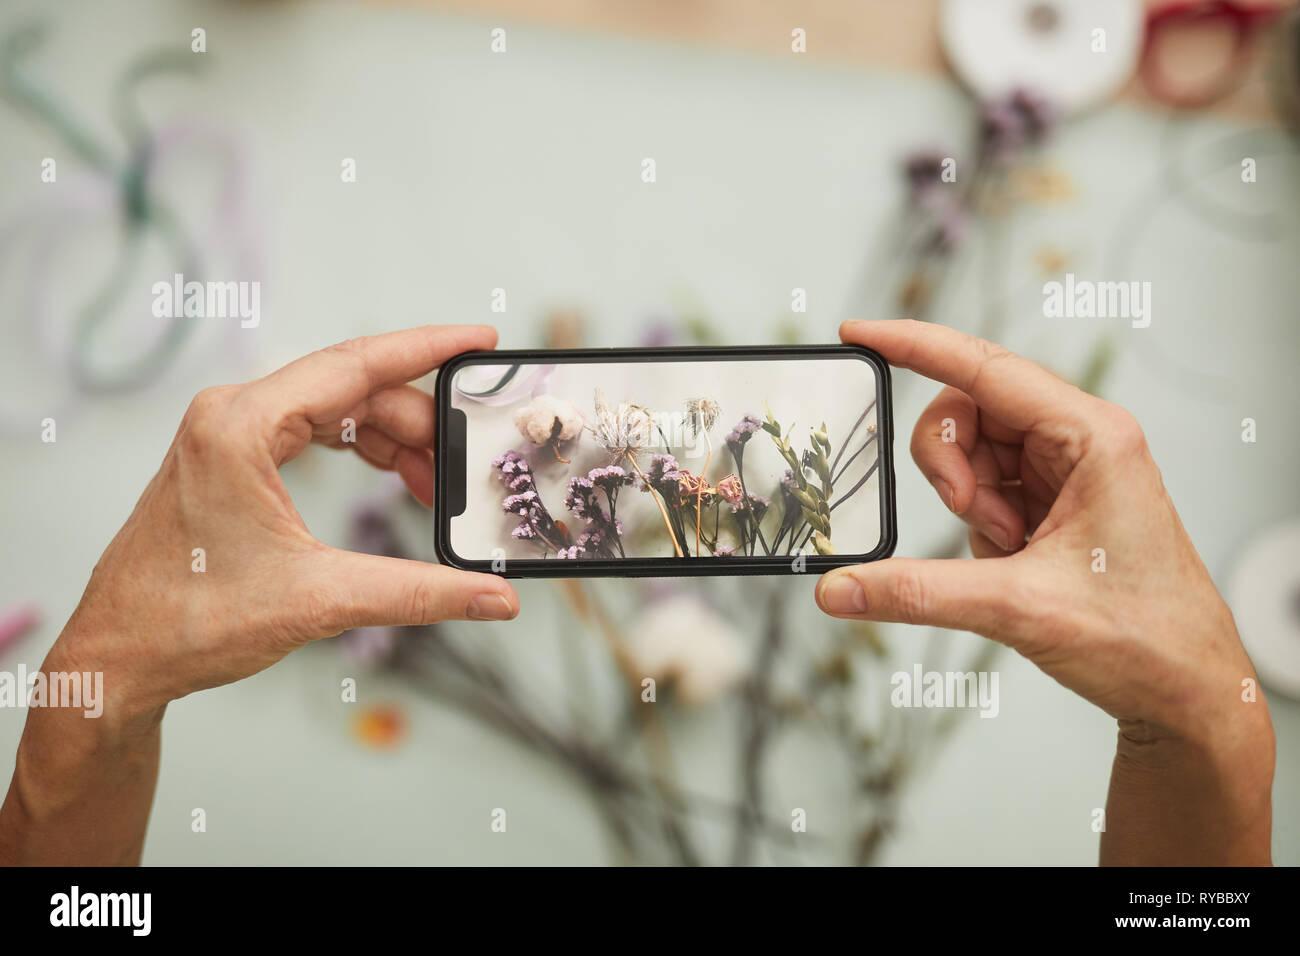 Oben Ansicht Nahaufnahme des unkenntlich Frau unter Mobile Photo von Blume Zusammensetzung in art studio, Kopie Raum Stockbild